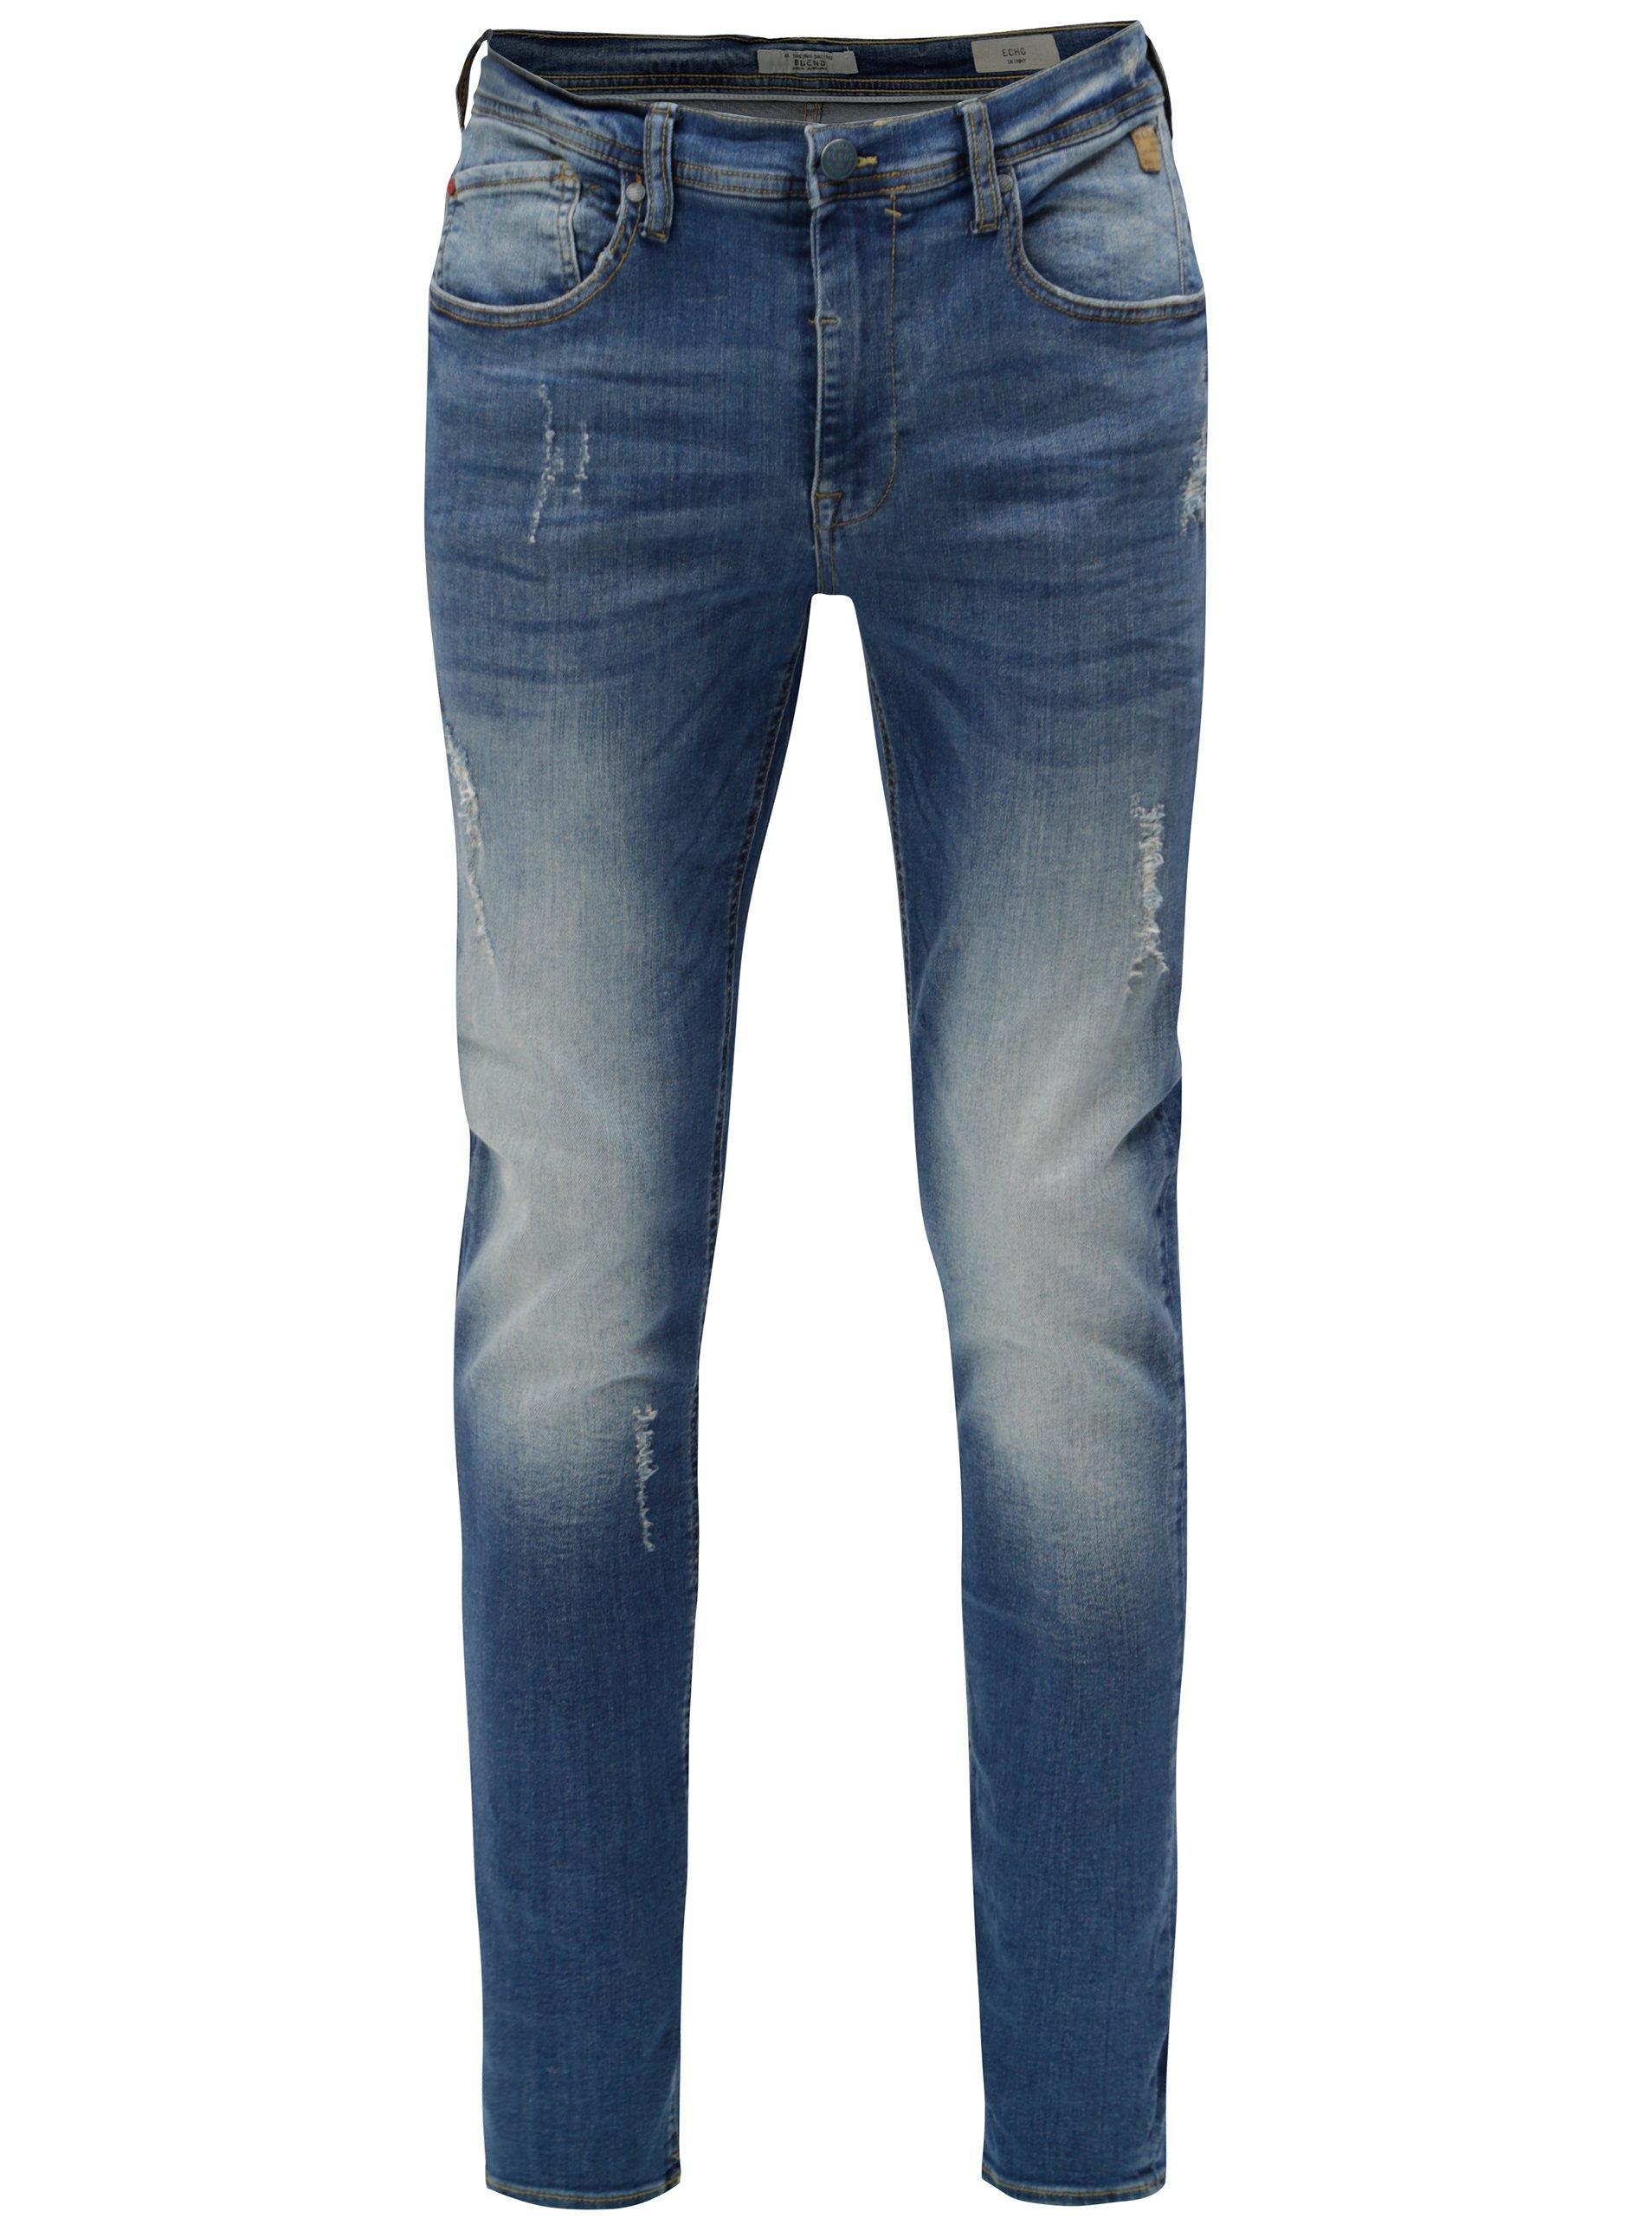 1f670fddcd Modré skinny džíny s vyšisovaným a potrhaným efektem Blend